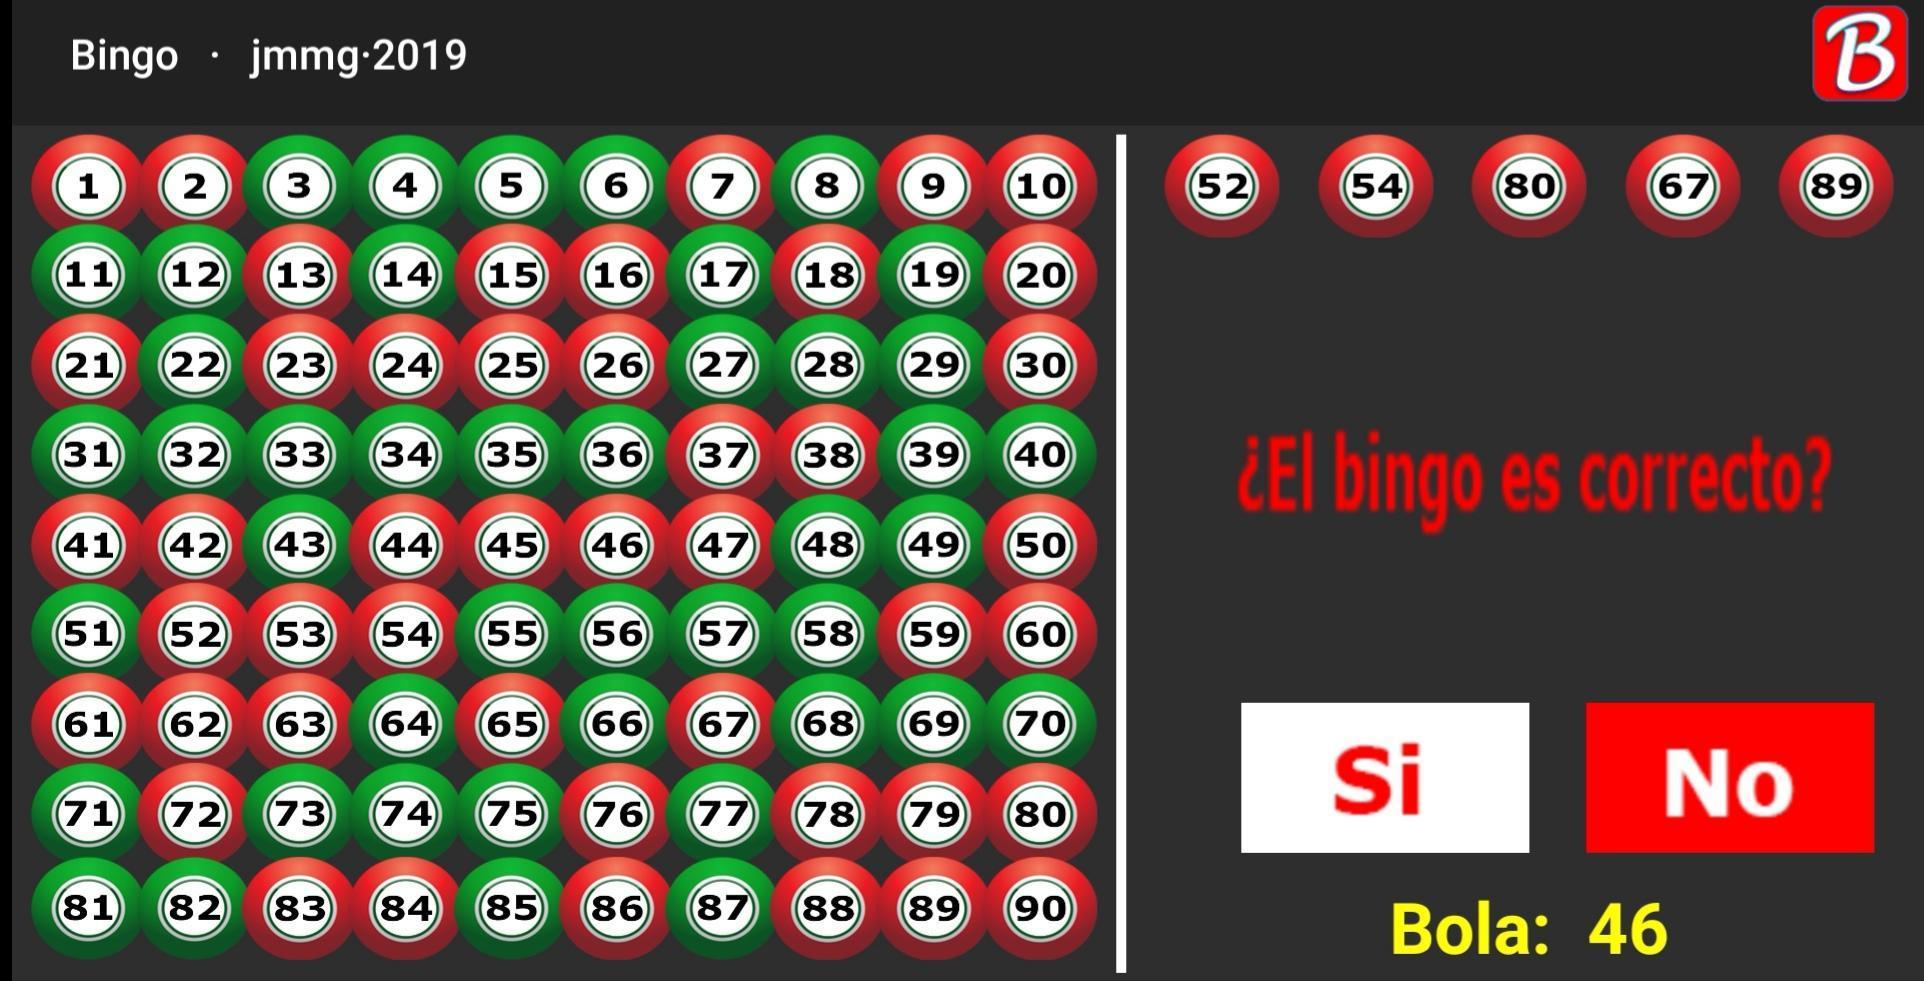 Jugar al BingO - Números del Bingo. 3 تصوير الشاشة